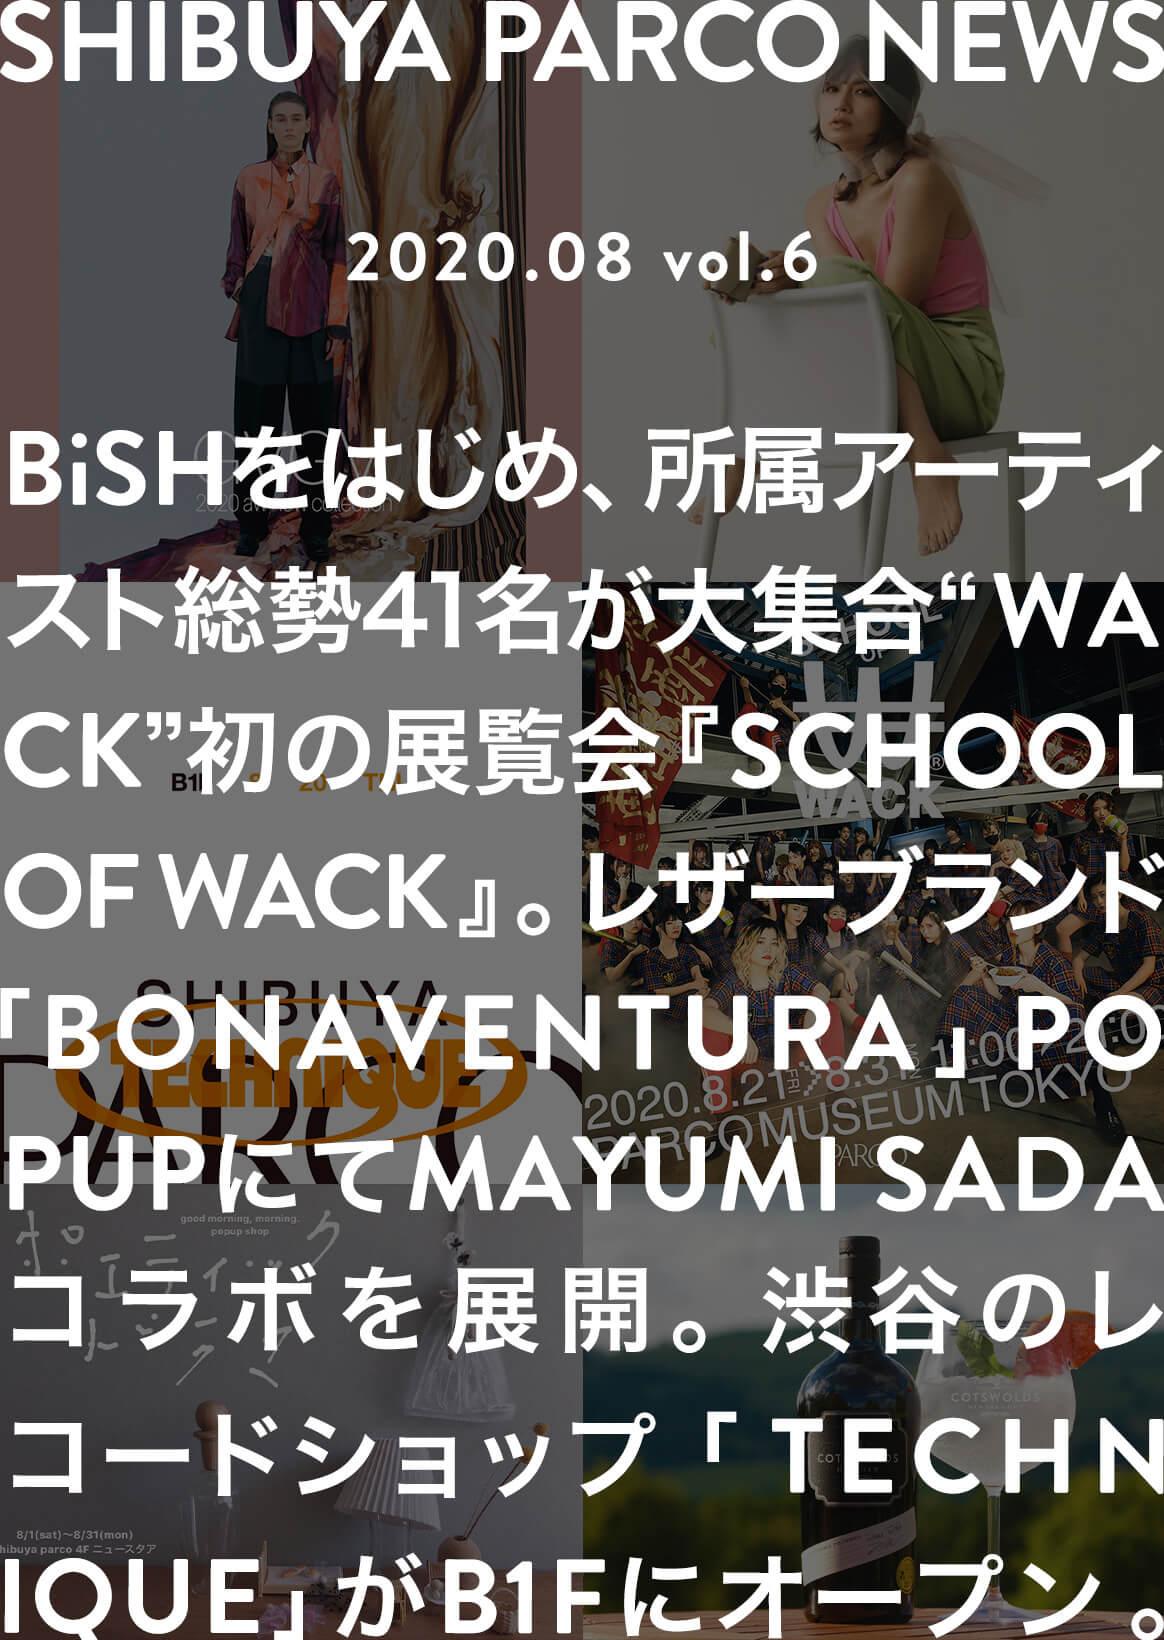 SHIBUYA PARCO NEWS-2020.8-vol.6